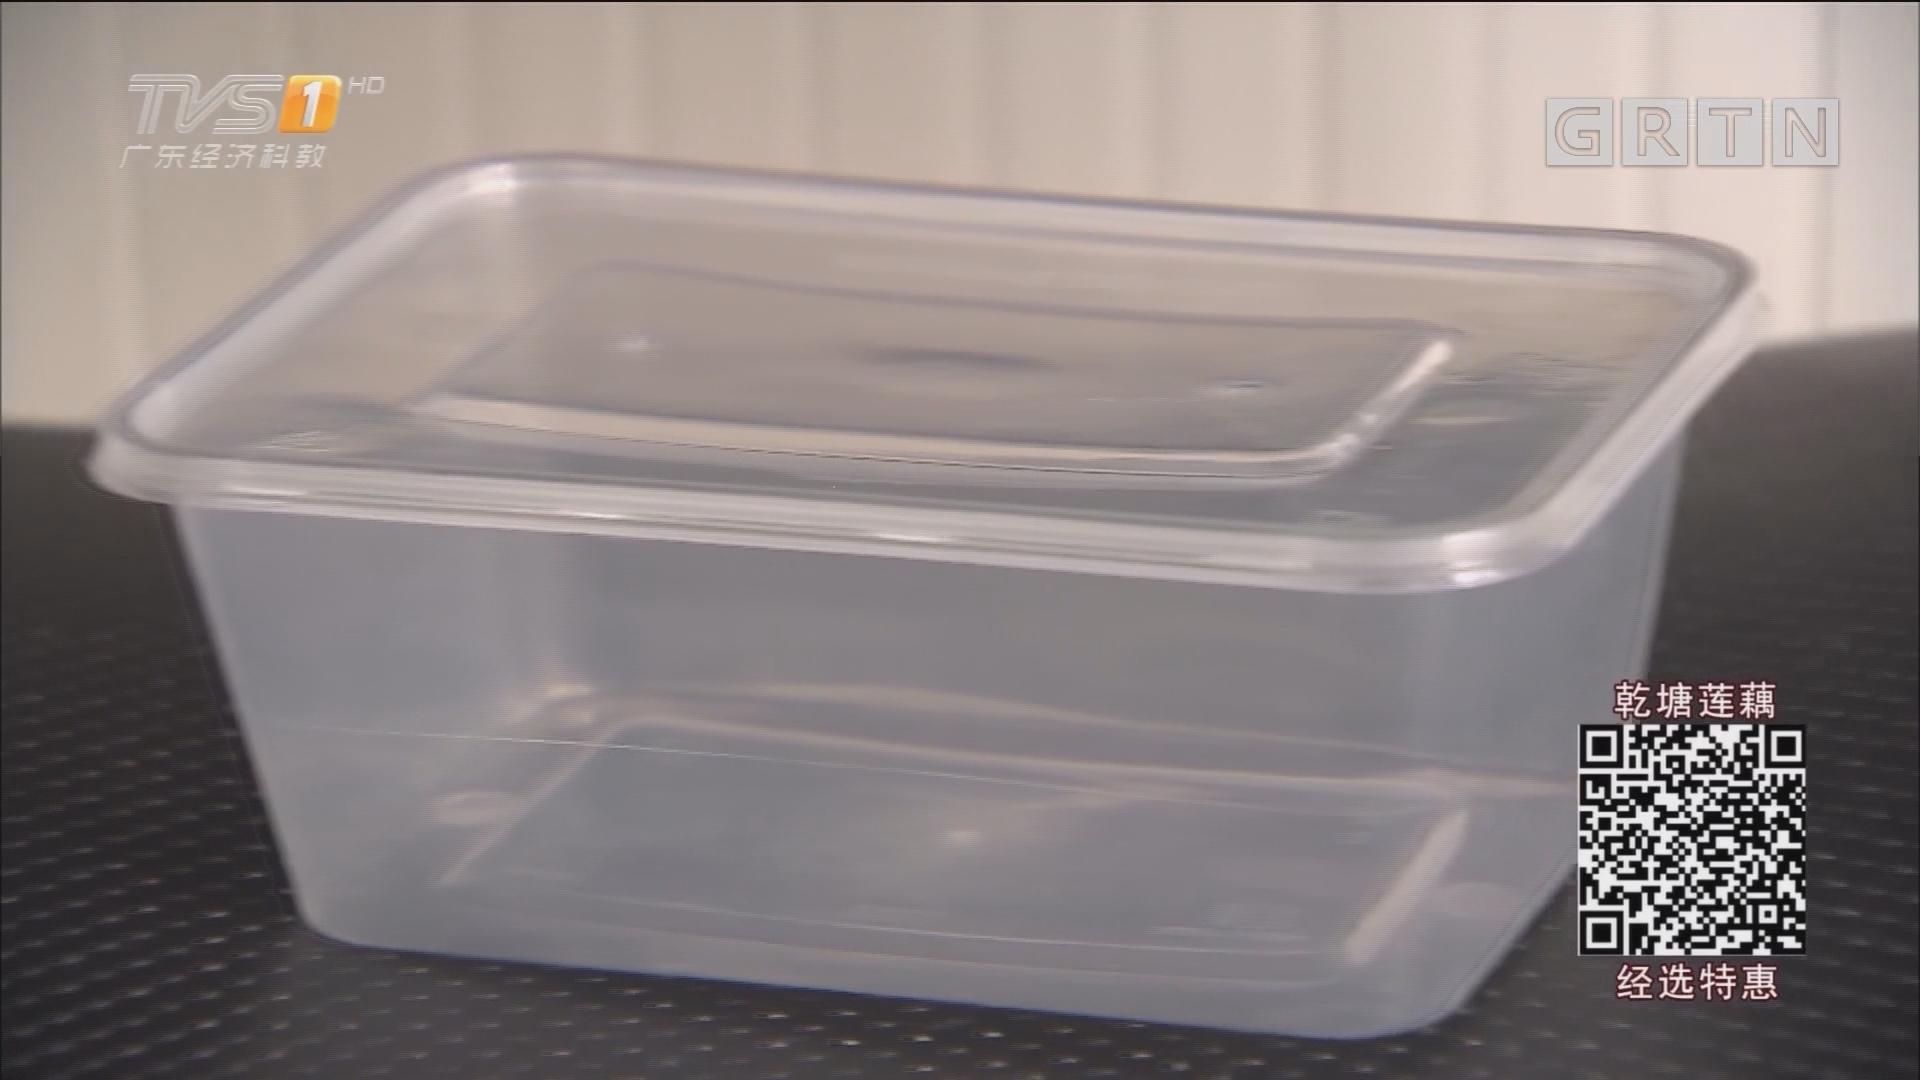 限塑令十年:外卖餐盒塑料成垃圾新源头 且无人回收